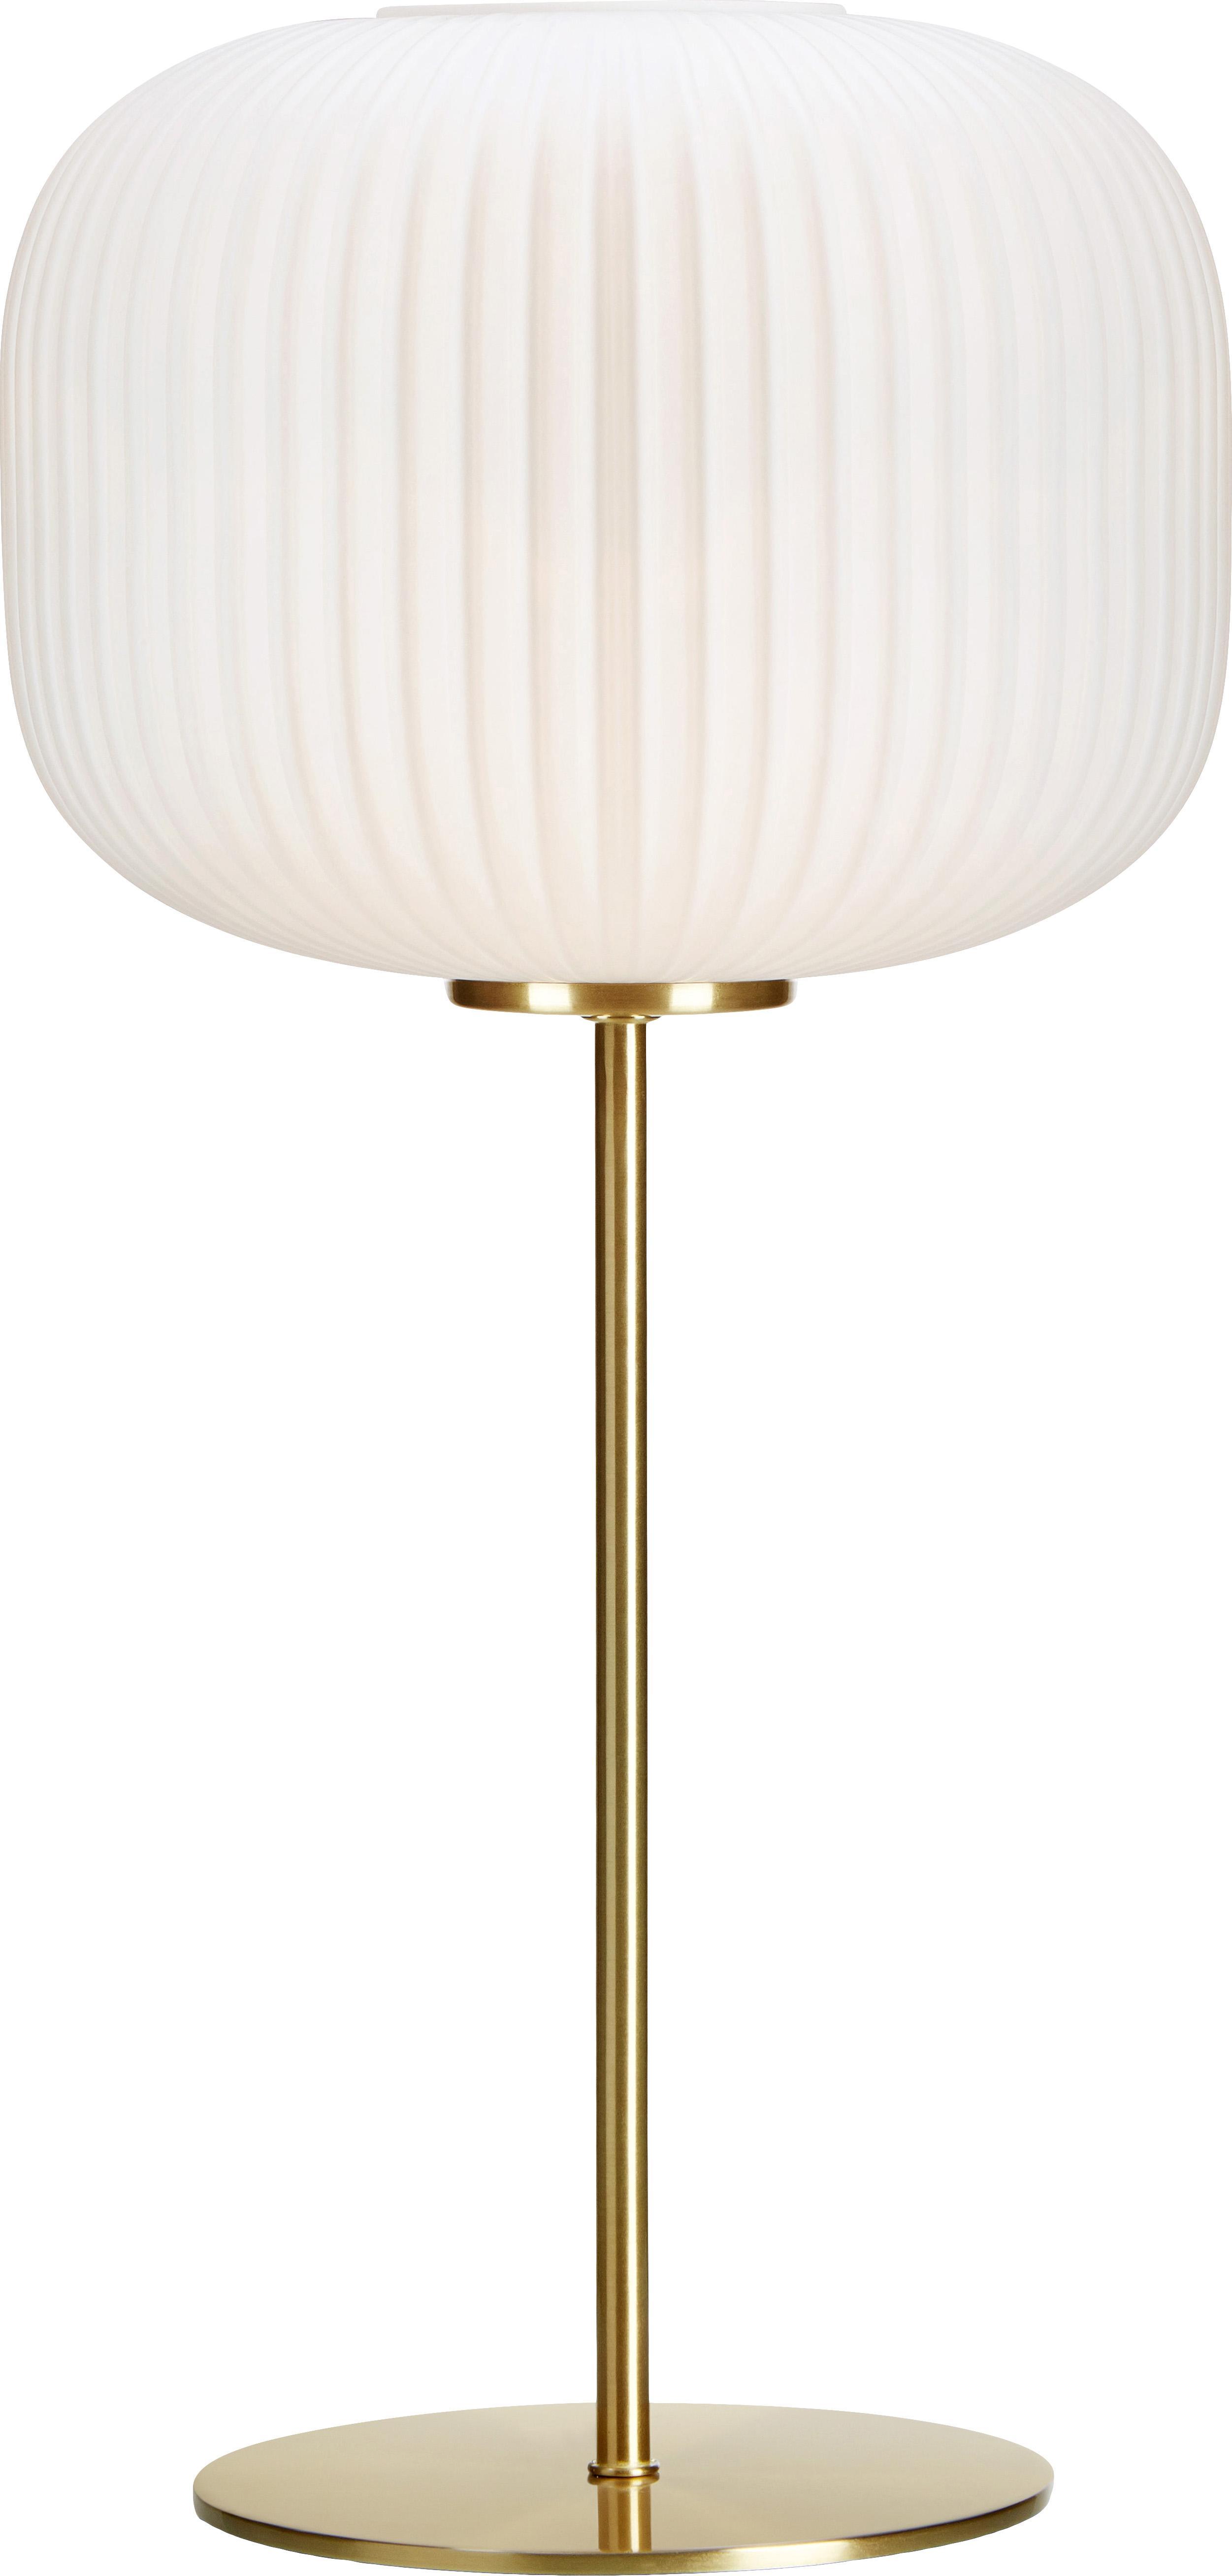 Lampa stołowa Sober, Biały, odcienie mosiądzu, Ø 25 x W 50 cm